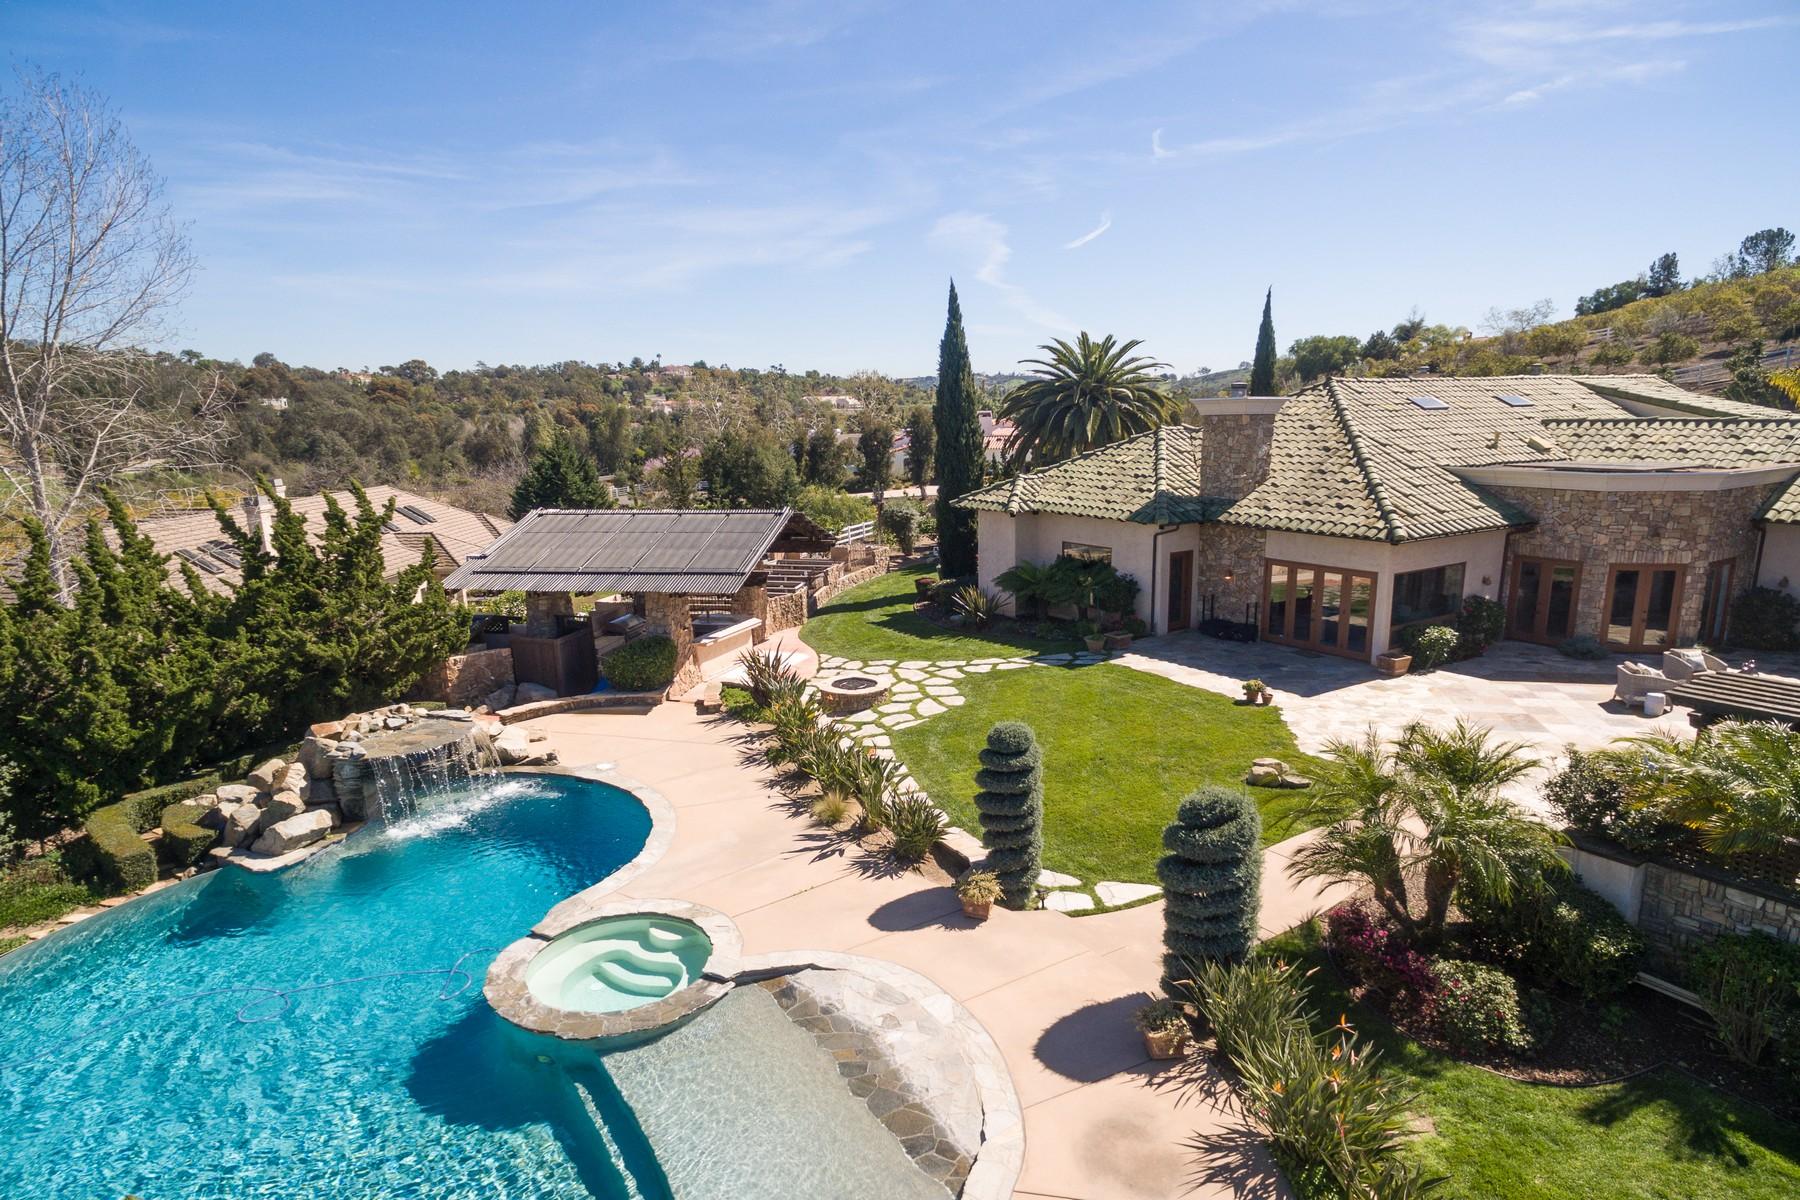 Casa Unifamiliar por un Venta en 1099 Double LL Ranch Road Encinitas, California, 92024 Estados Unidos